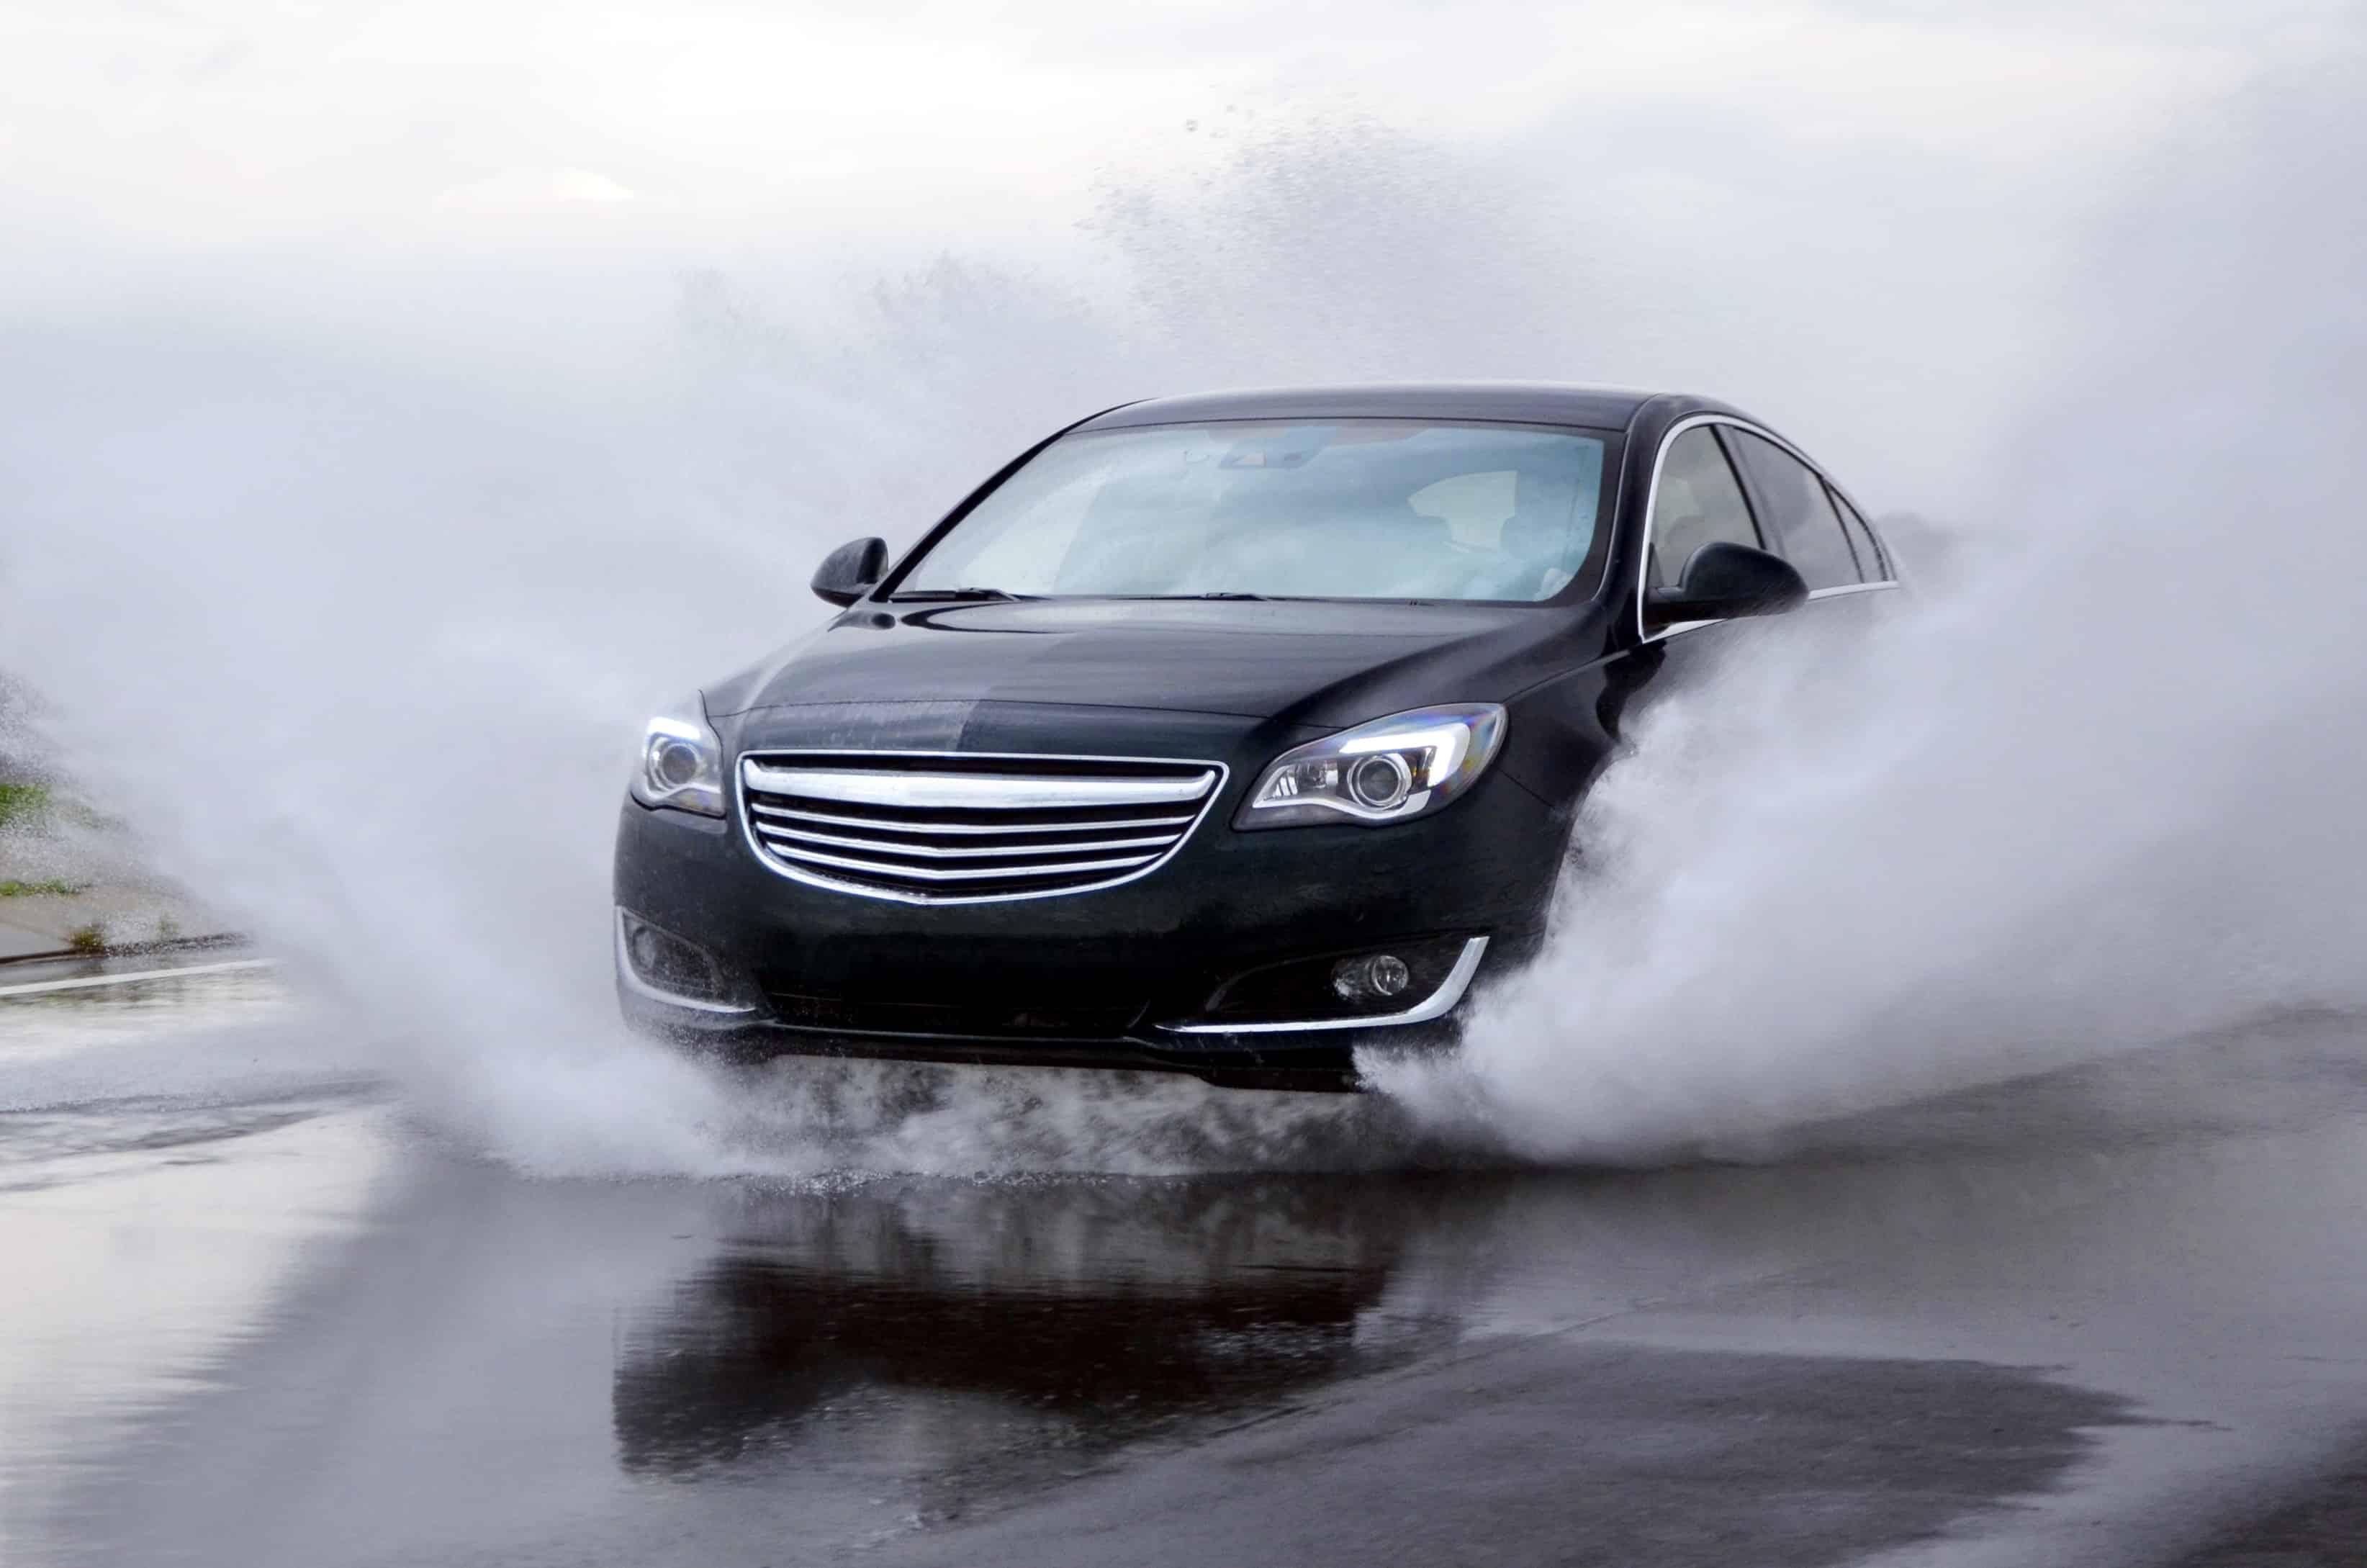 L'aquaplaning rappresenta una minaccia anche in caso di guida a velocità ridotta.